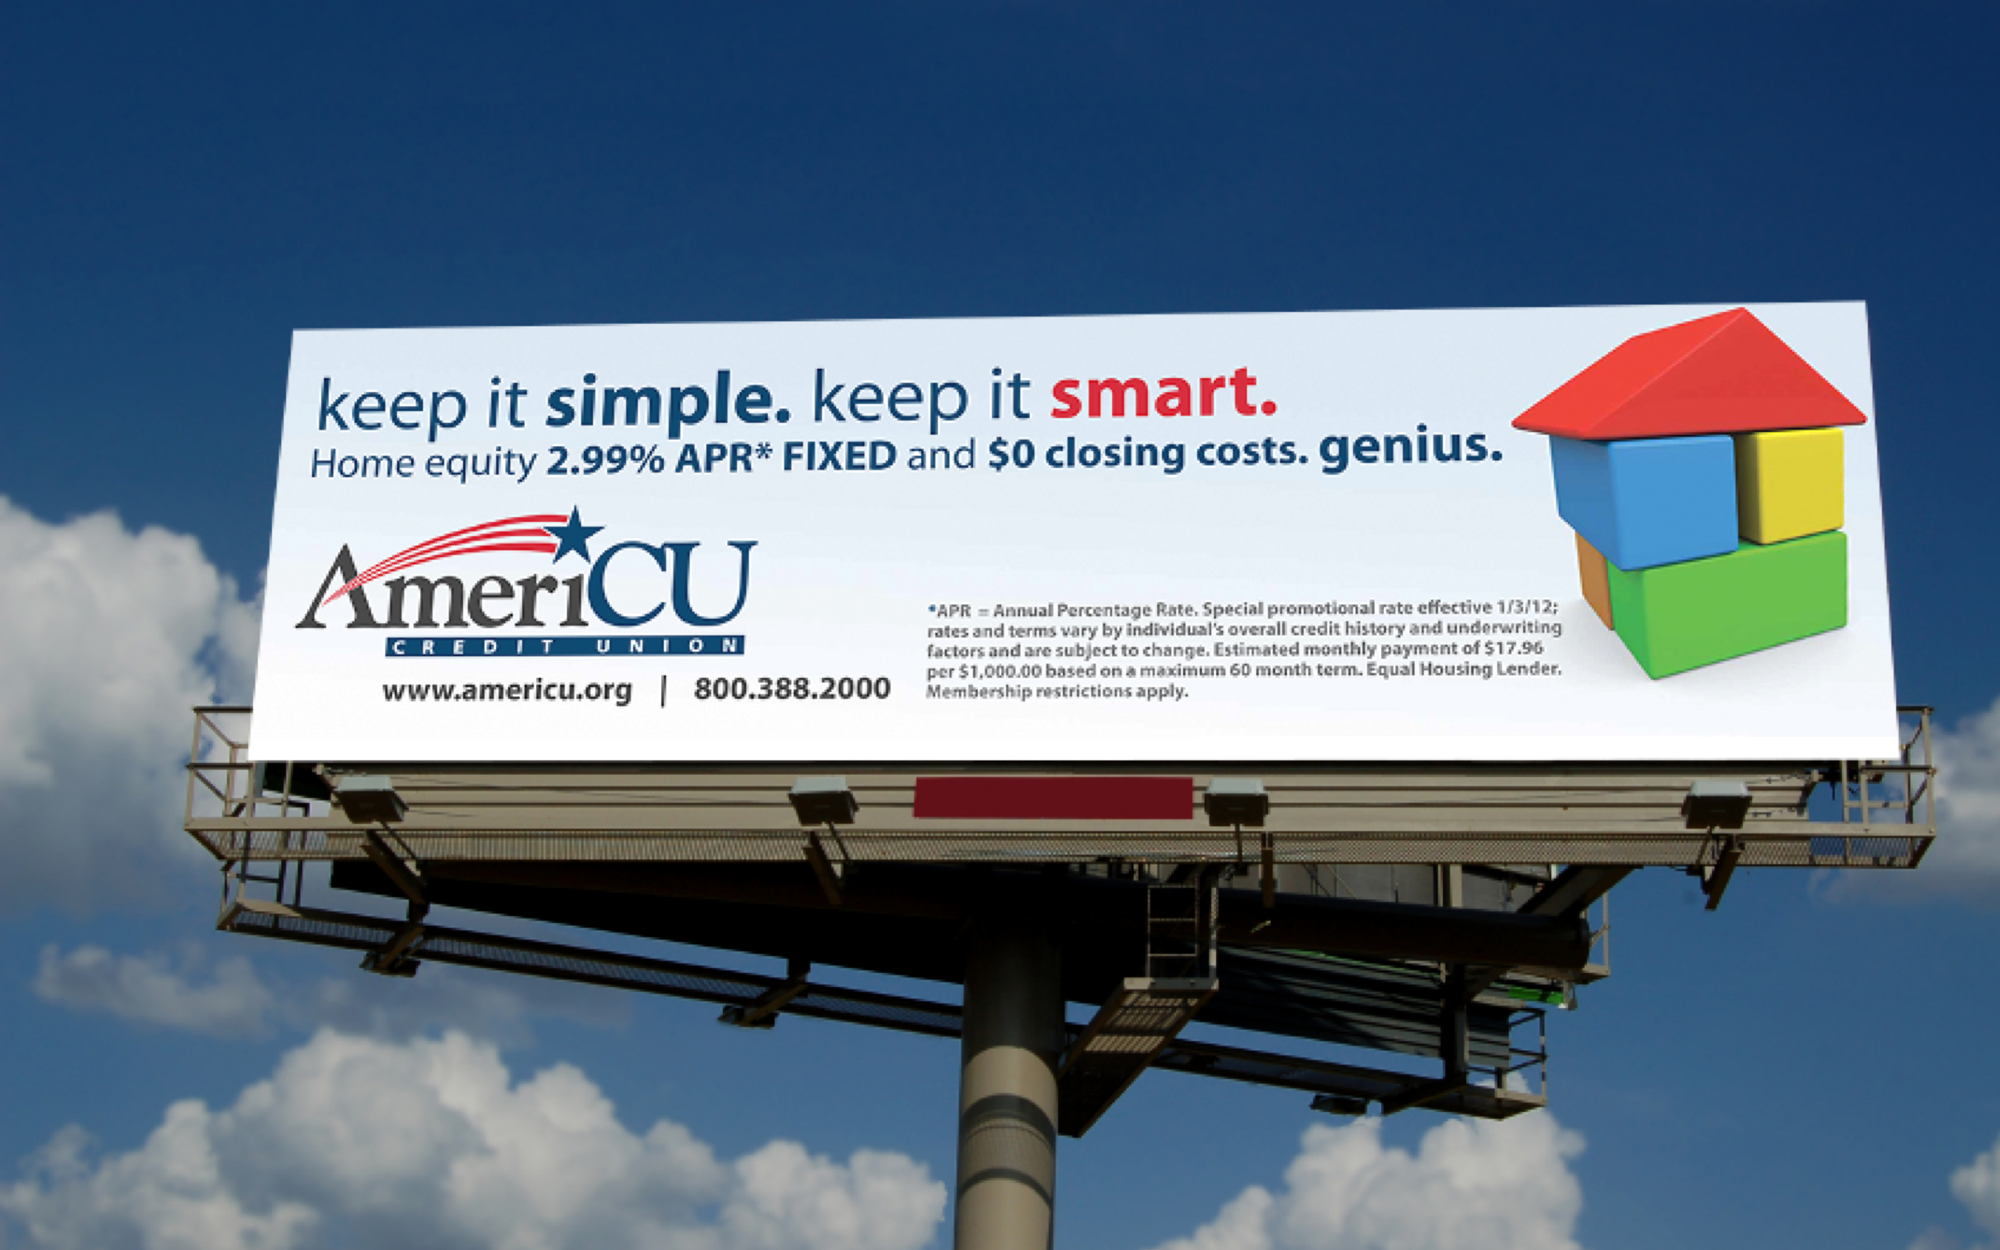 AmeriCU Home Equity Campaign Billboard